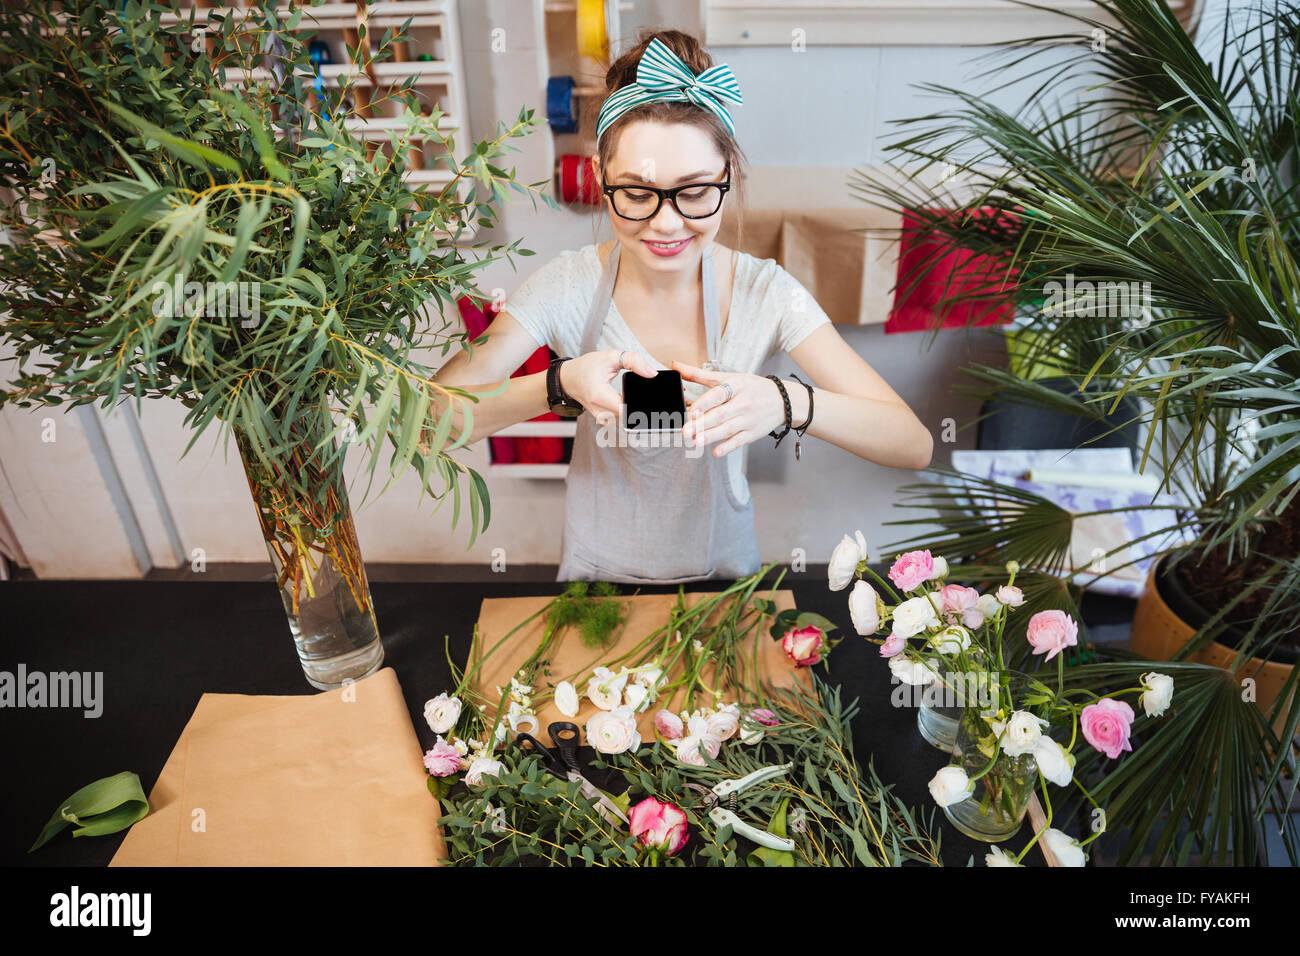 Feliz hermosa joven tomando fotos de flores en la mesa en la tienda Imagen De Stock